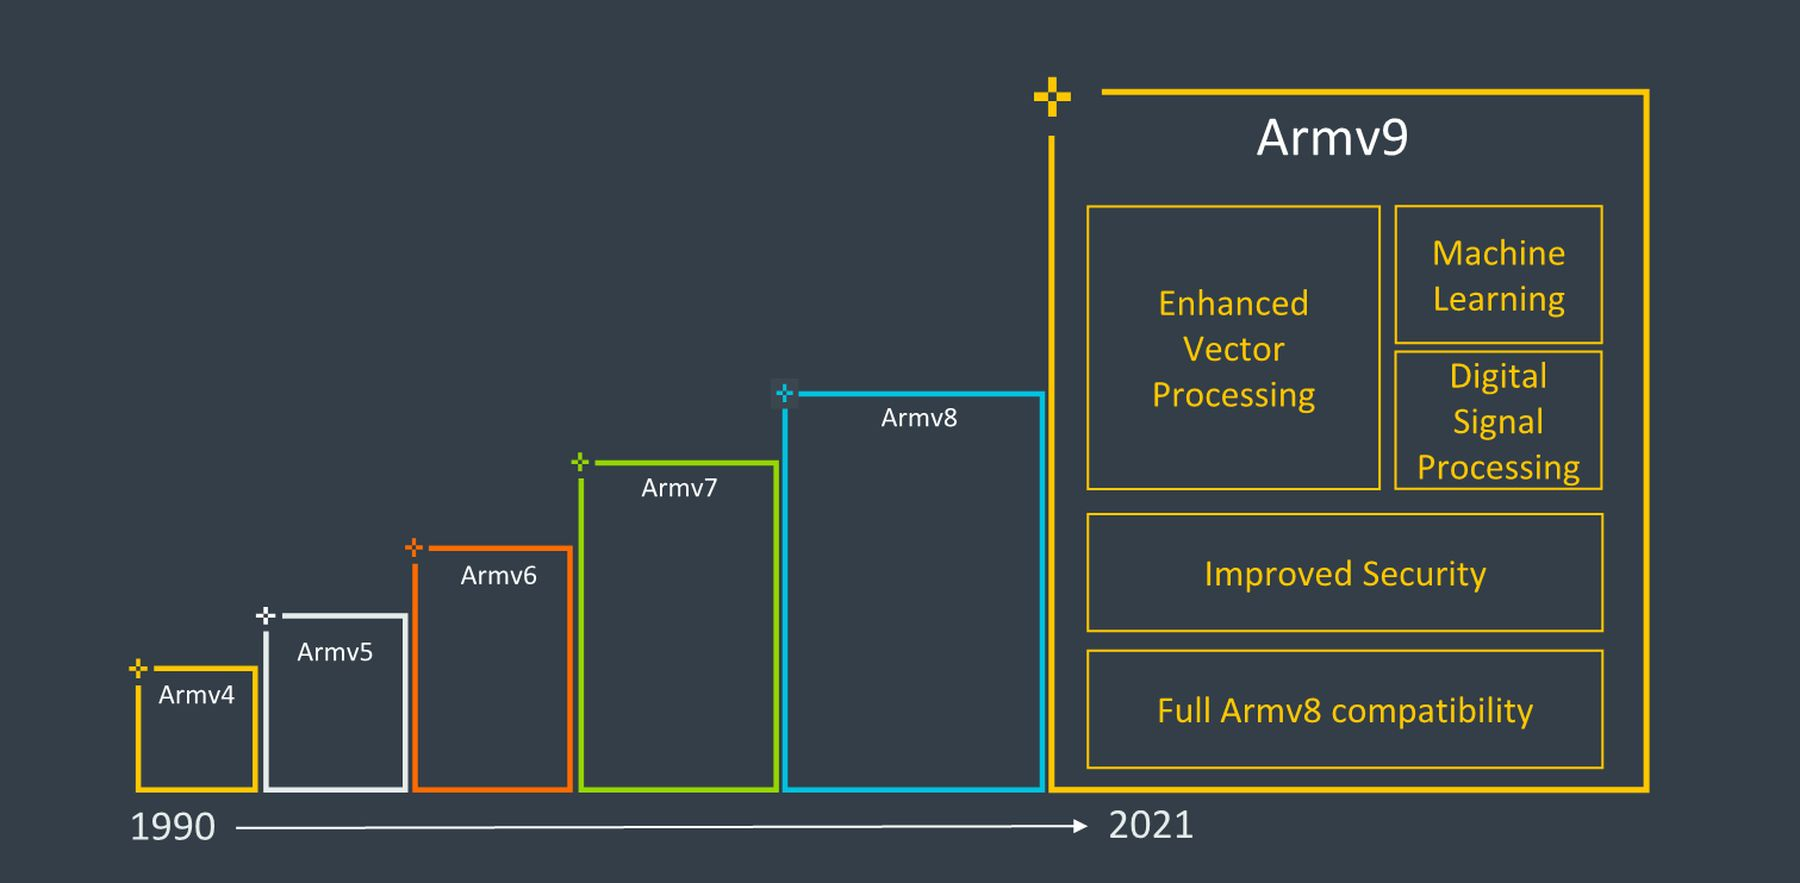 安谋推出全新的ARMv9微架构 未来该架构将装备在3000亿颗芯片中